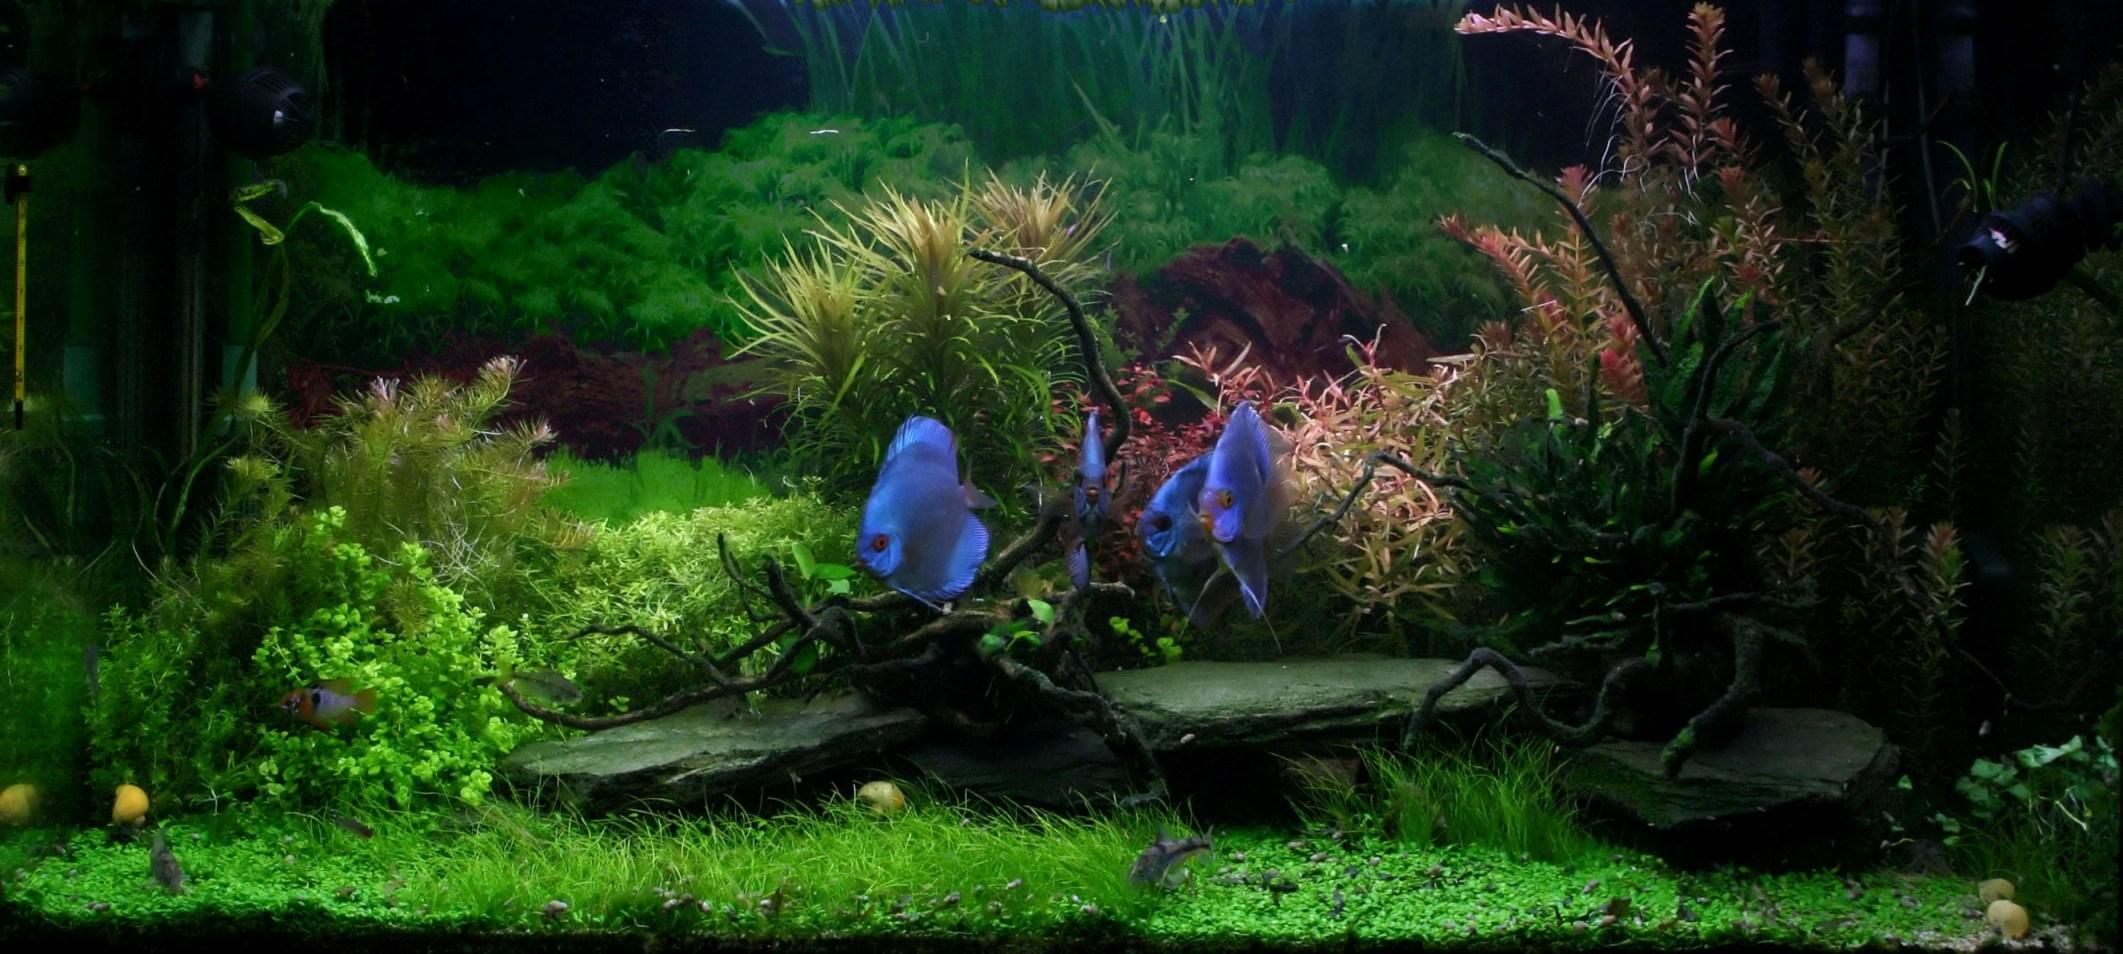 photo https://www.aquariophilie.org/aquarium/images/aq32ph20.jpg